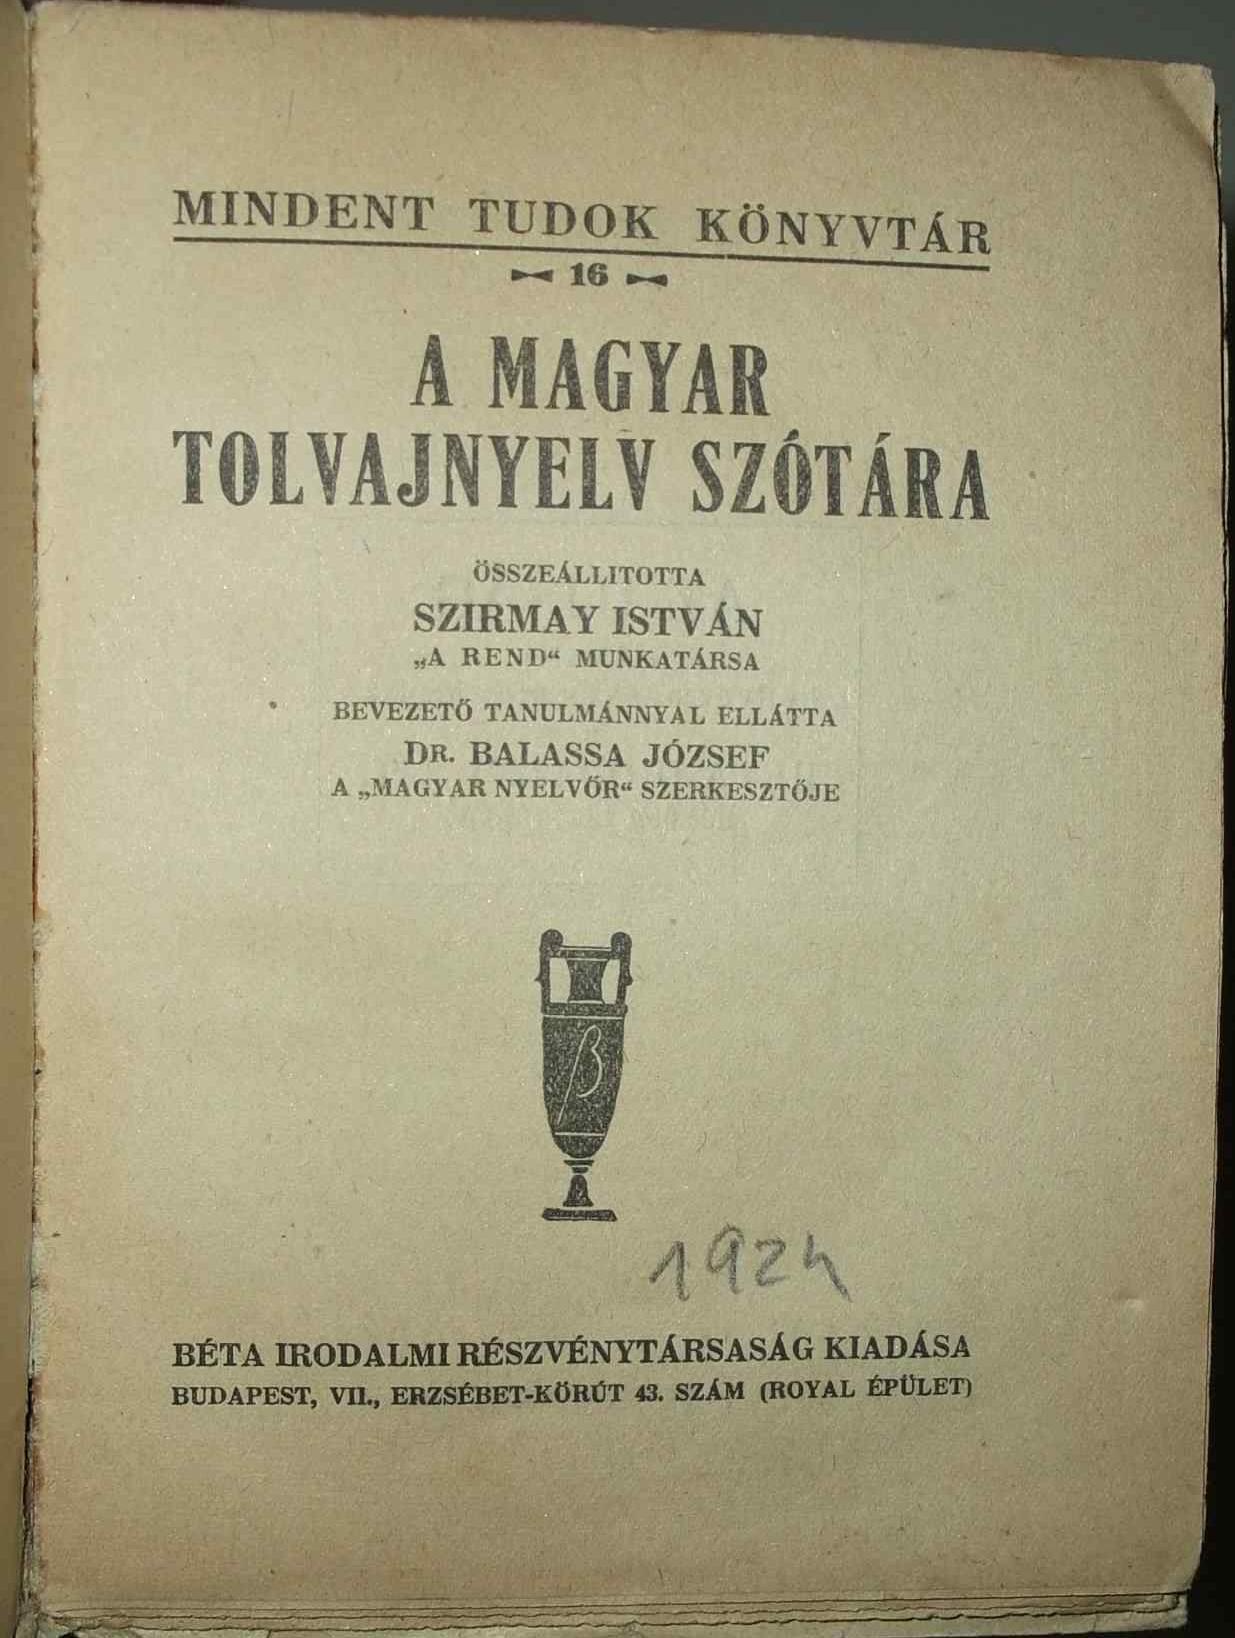 Szirmay István - A magyar tolvajnyelv szótára 1924.